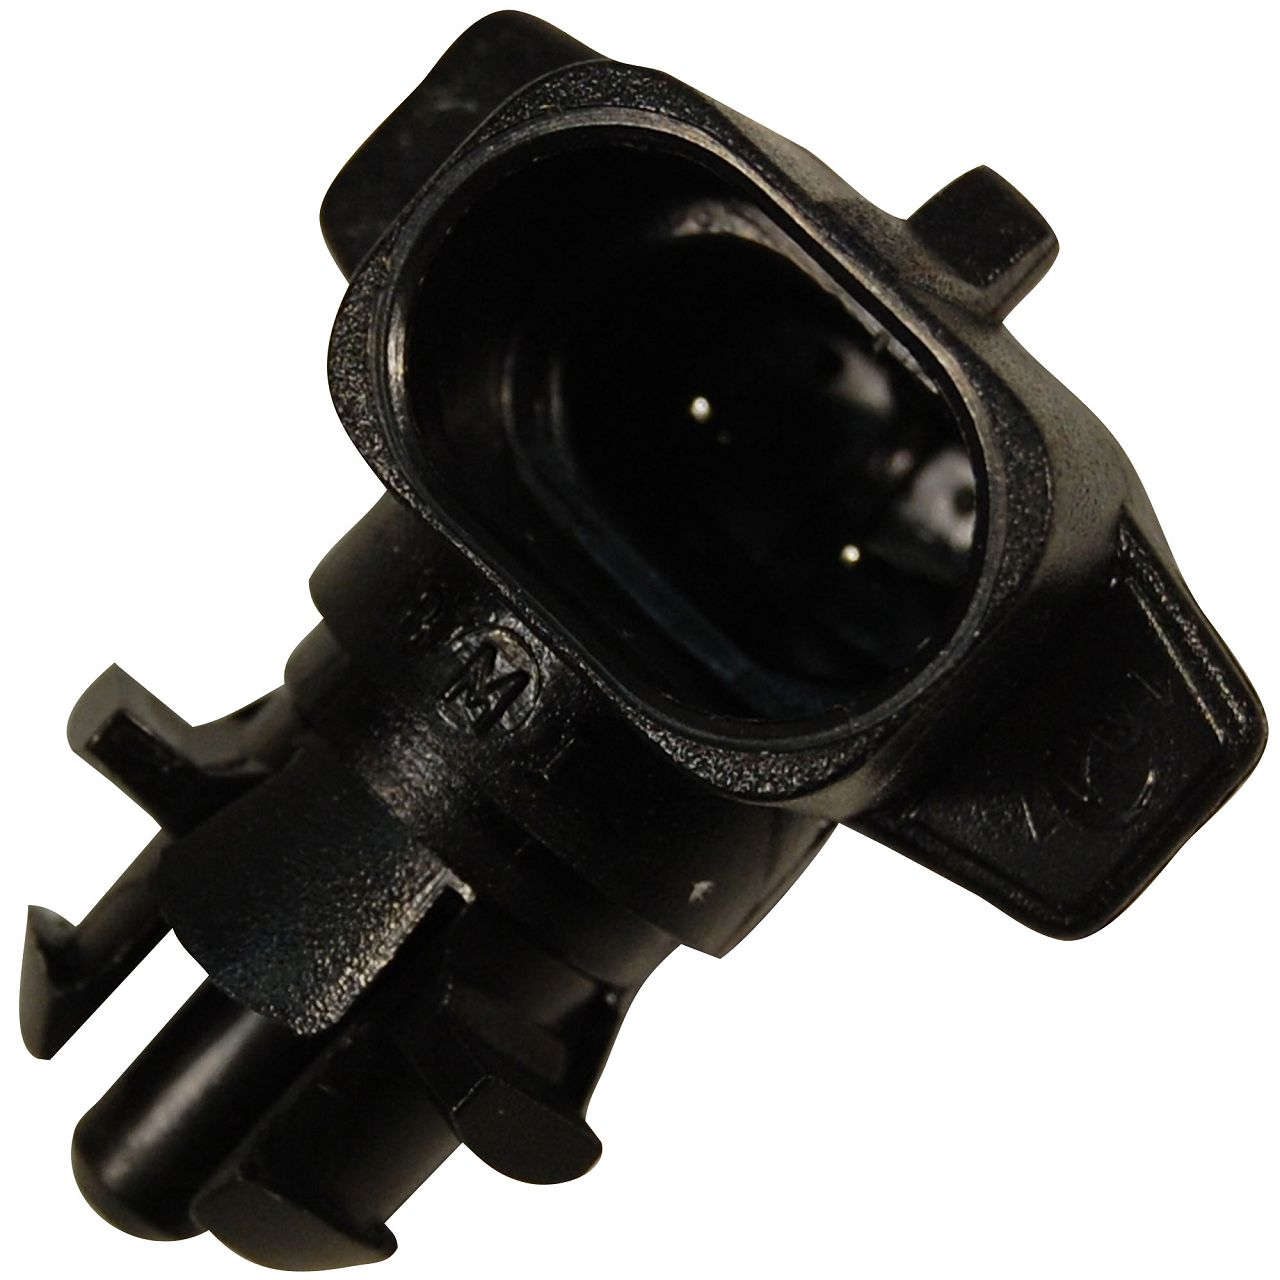 Temperaturgeber Lufttemperaturgeber Sensor Außentemperatur 2-polig